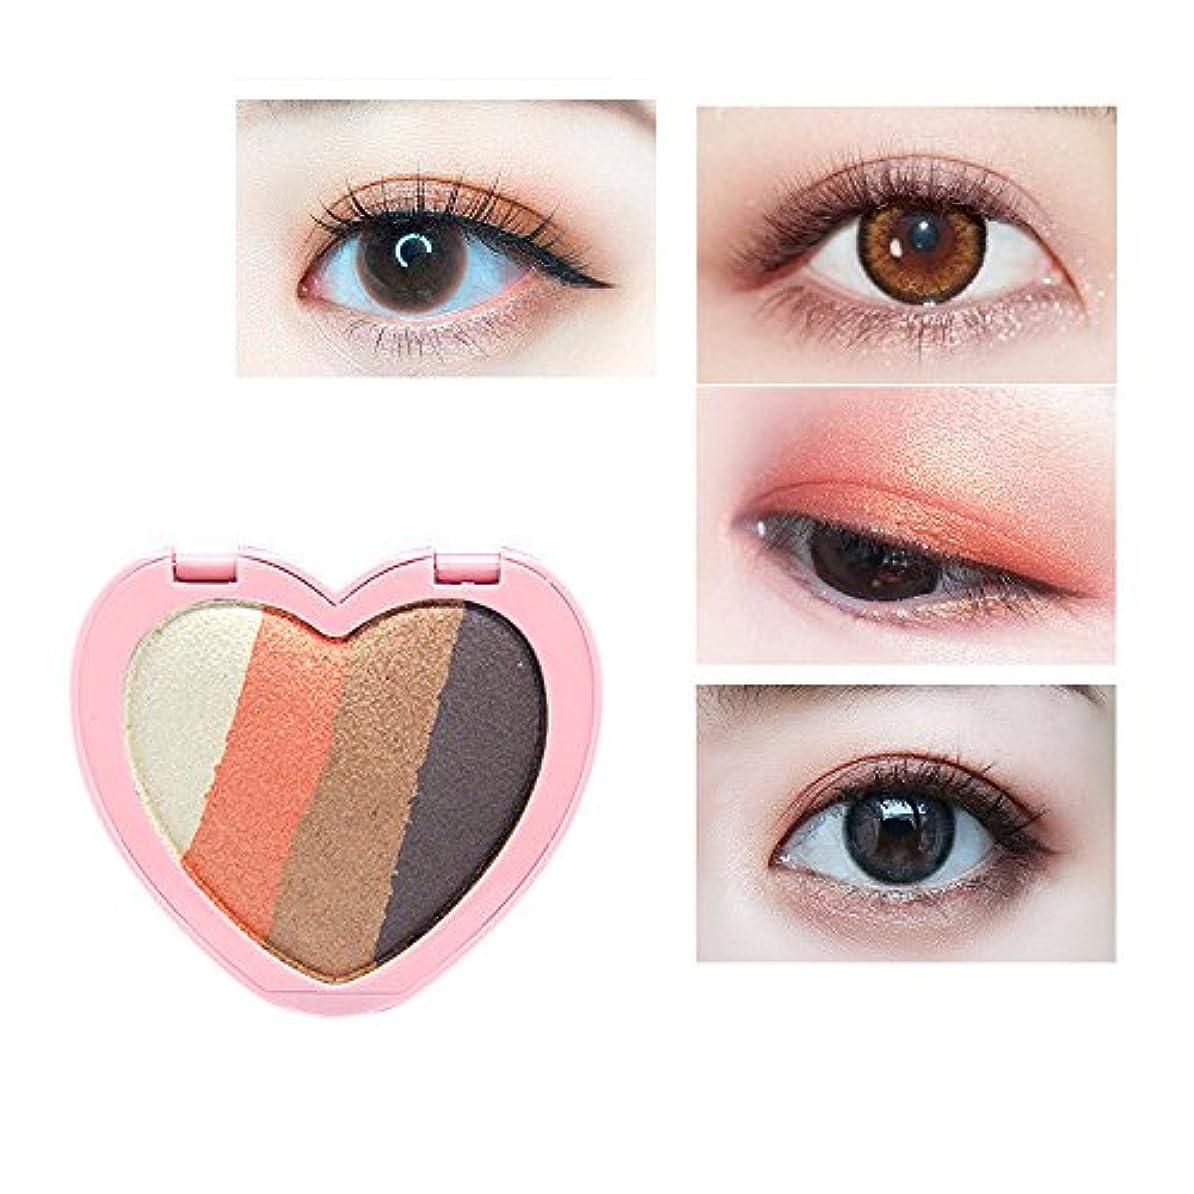 アクセル認知構想するAkane アイシャドウパレット HOJO ファッション 超可愛い 心形 綺麗 素敵 美しい 防水 魅力的 高級 優雅な キラキラ 持ち便利 日常 Eye Shadow (4色) 8009